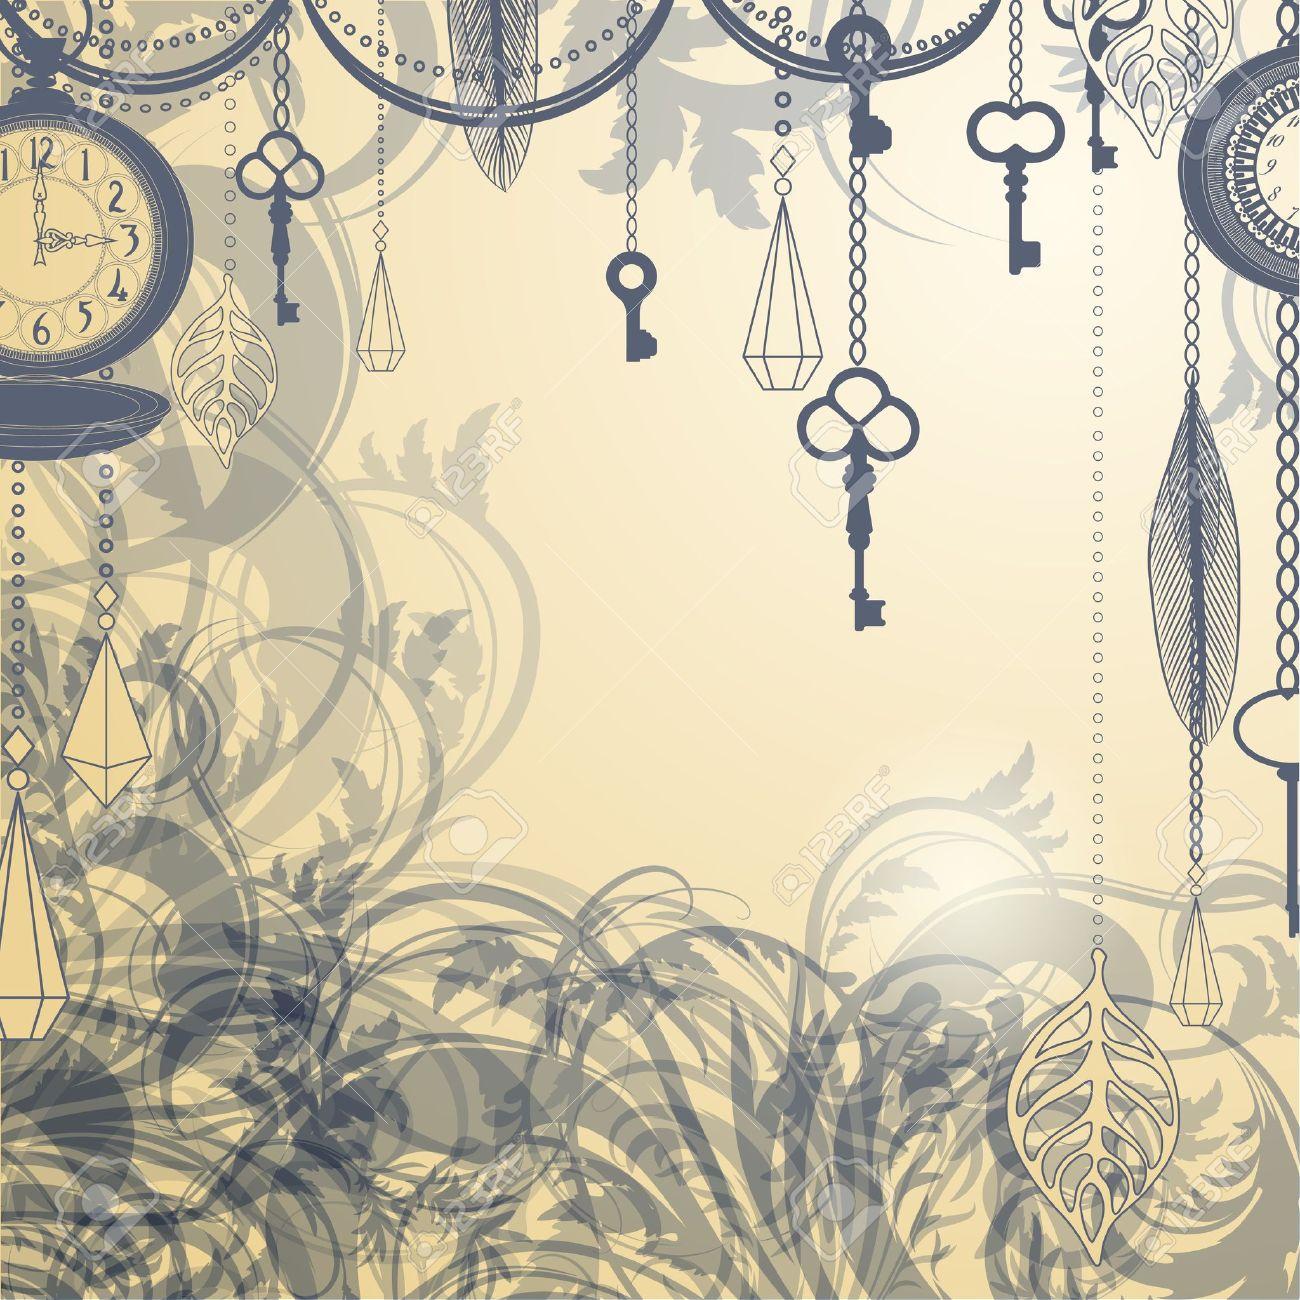 Antike uhr wallpaper  Vintage Hintergrund Mit Antiken Uhren Und Schlüssel Lizenzfrei ...